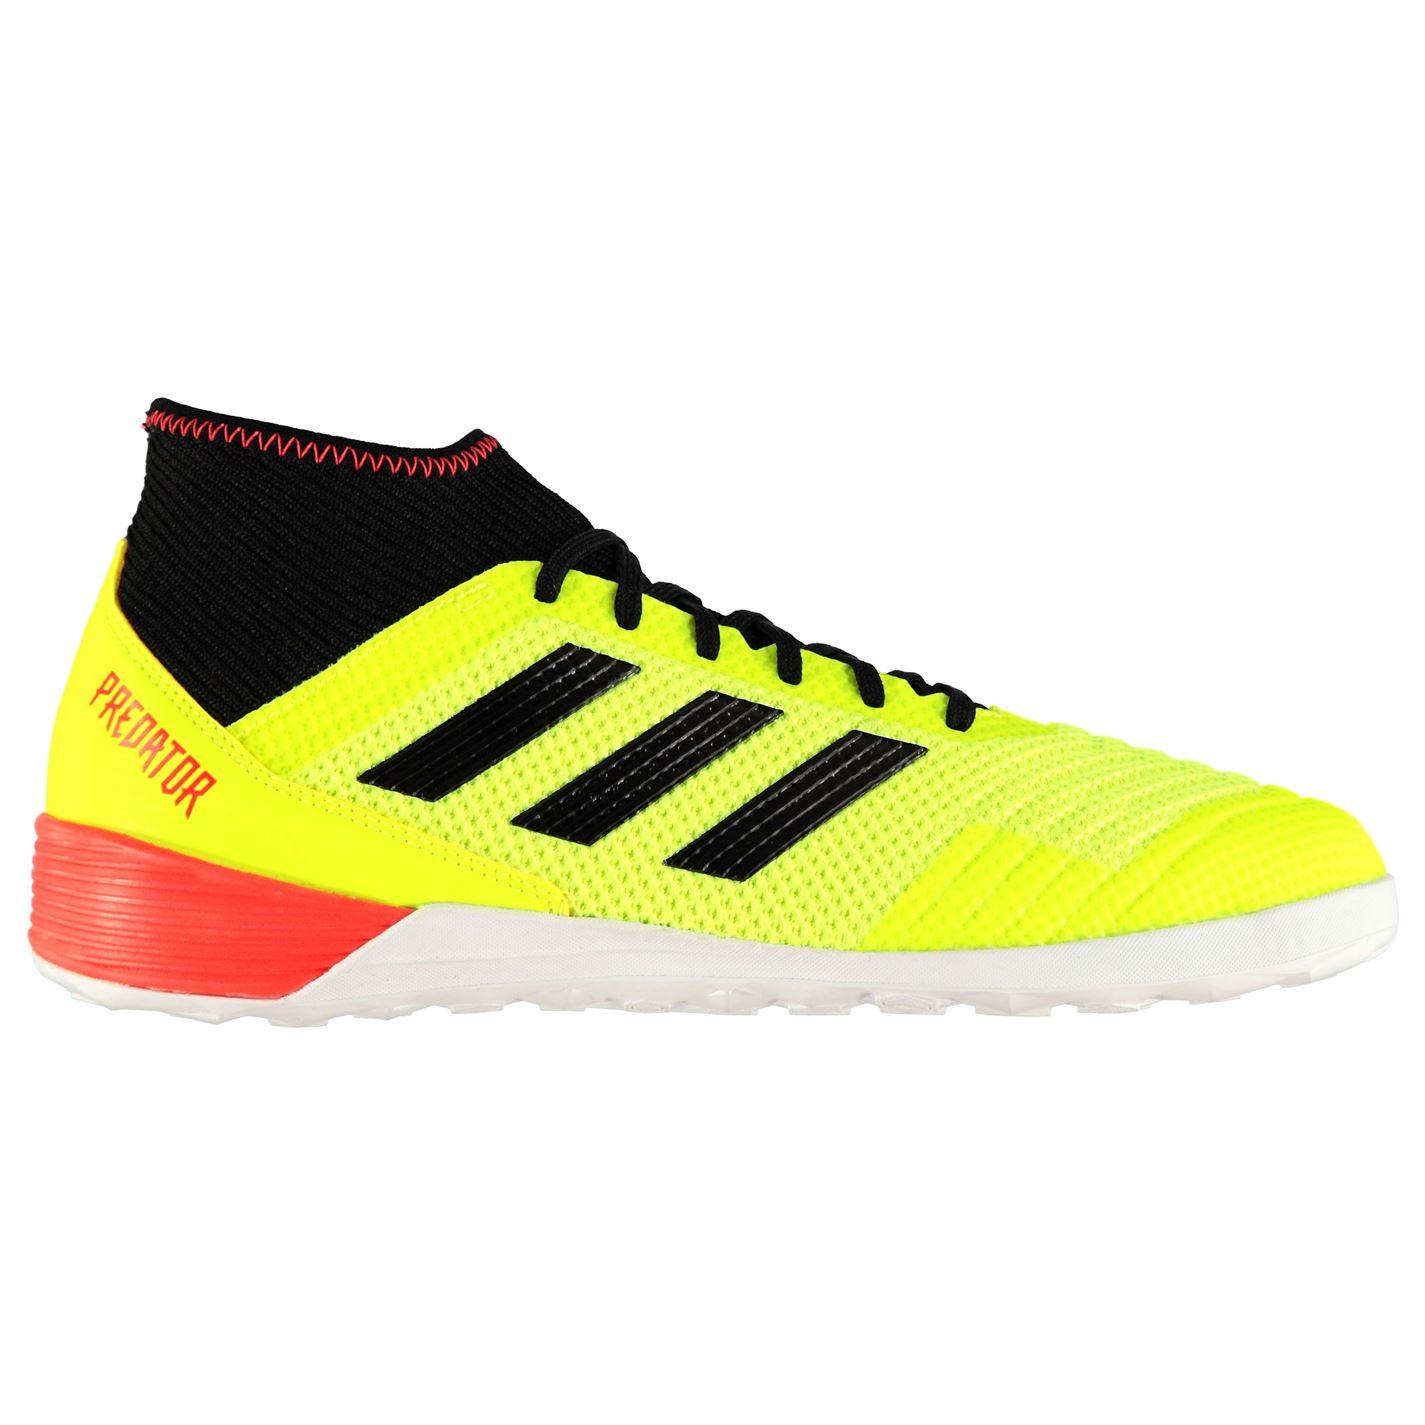 adidas Predator Tango 18.3 pánske futbalové halovky SolarYellow Blk ... 55144df18a2